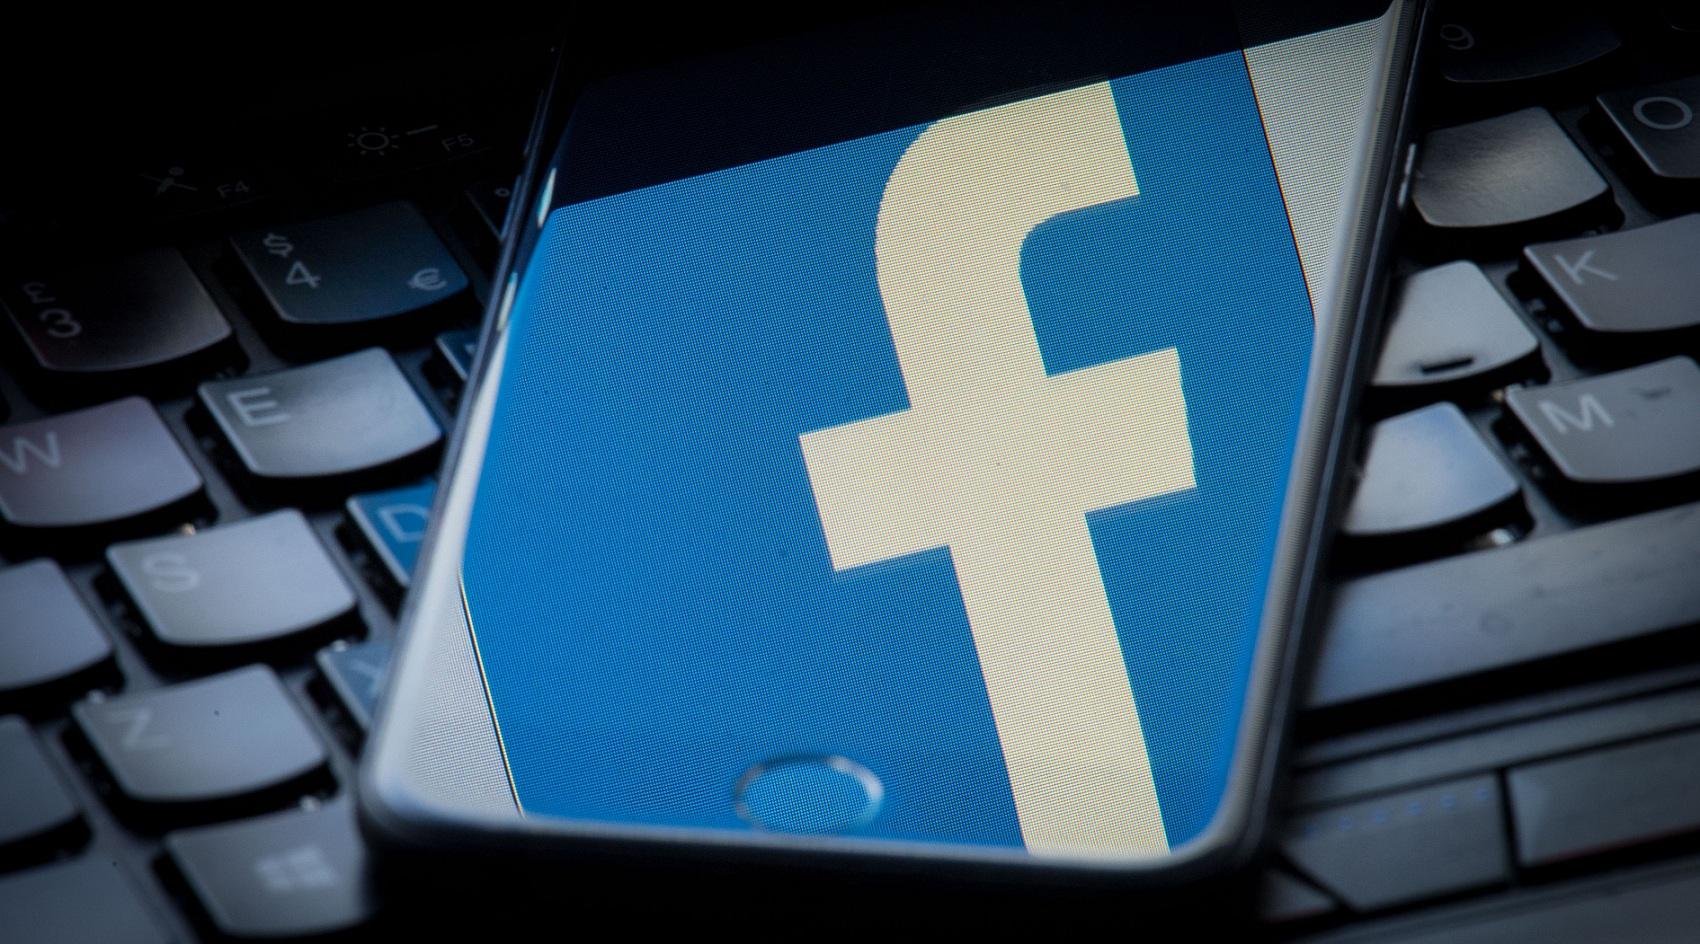 Come sapere chi vede il mio profilo su Facebook 2